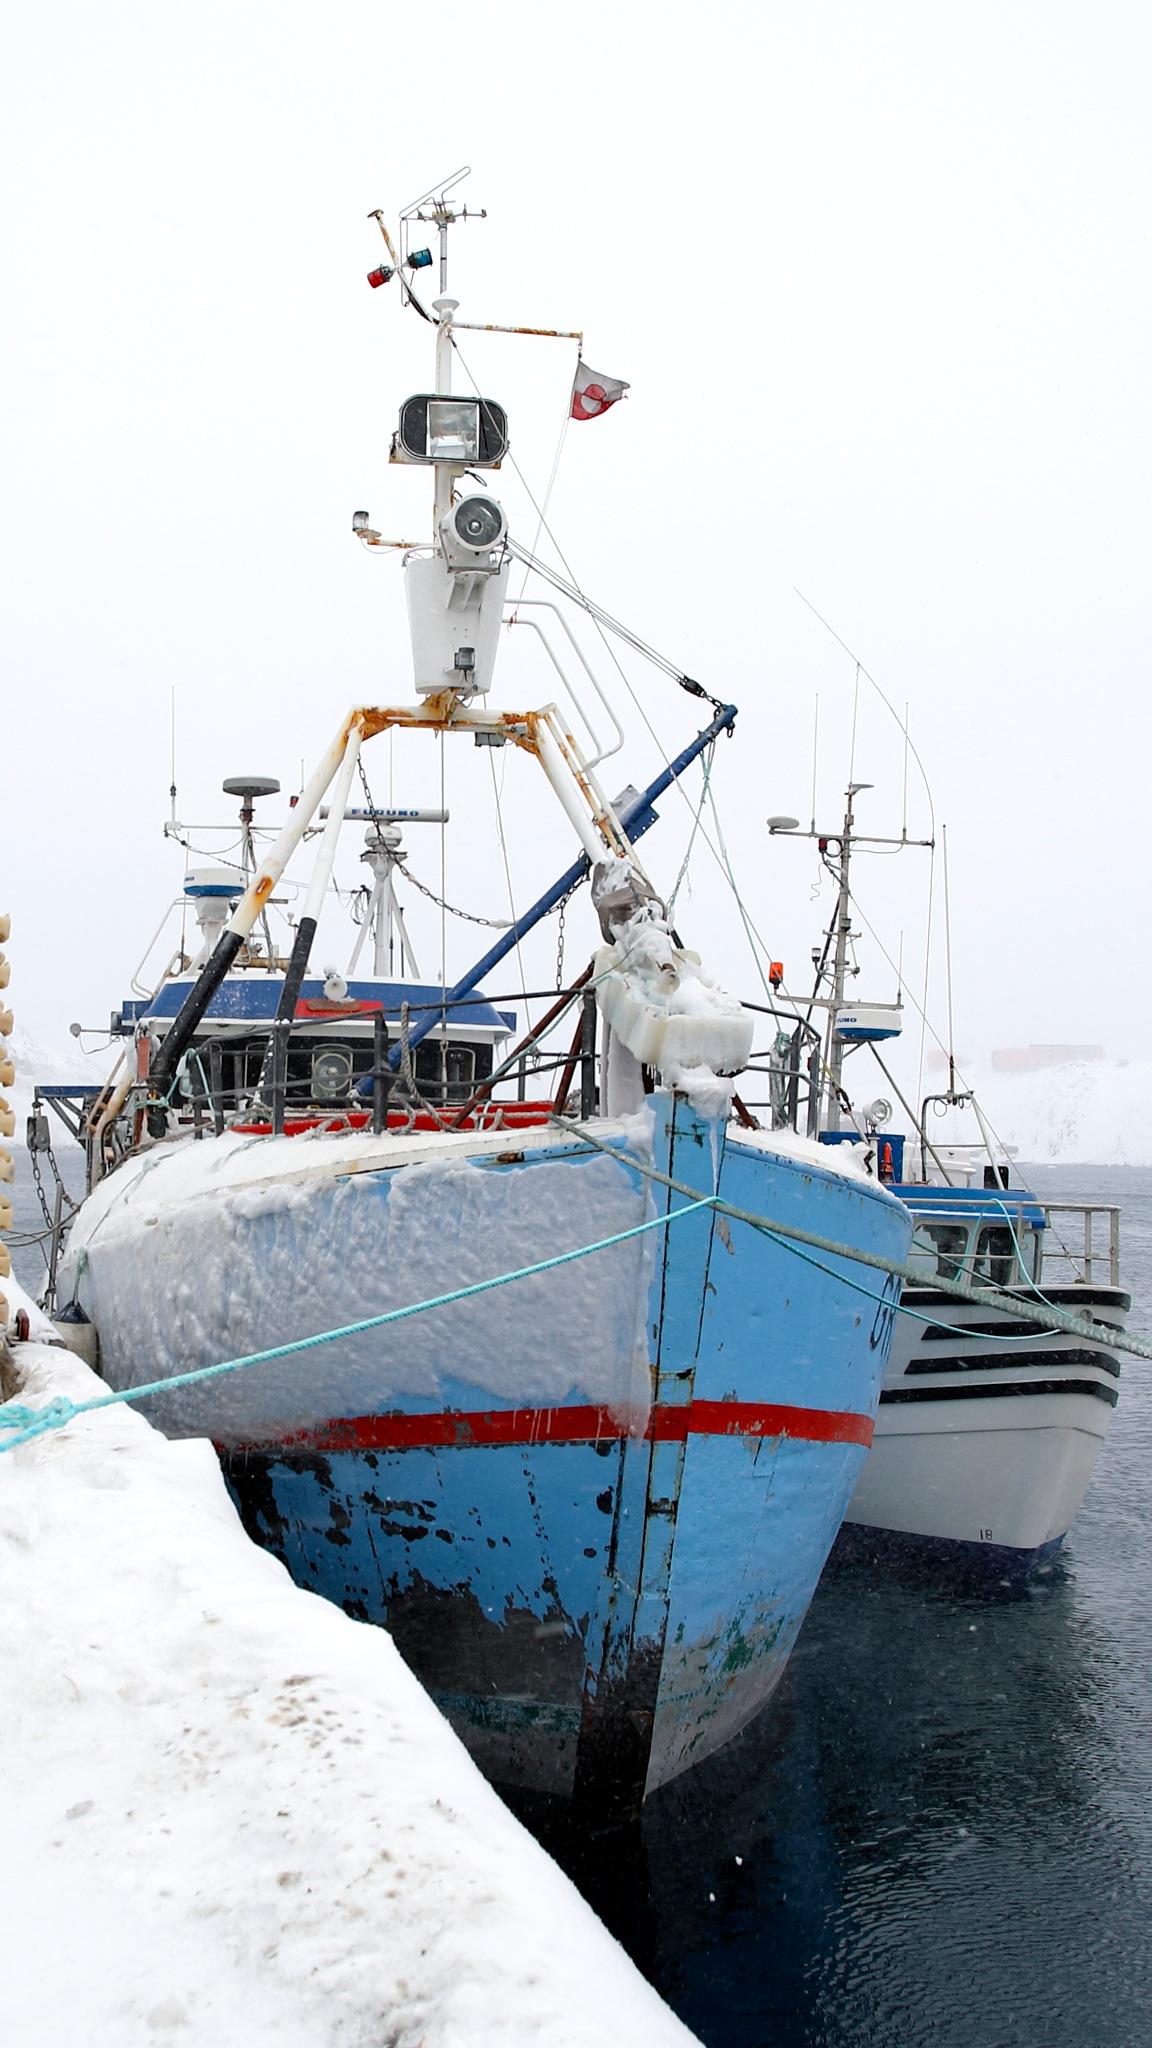 grønlandsk fiskeflåde træ og glasfiber  by Tom Augo Lynge